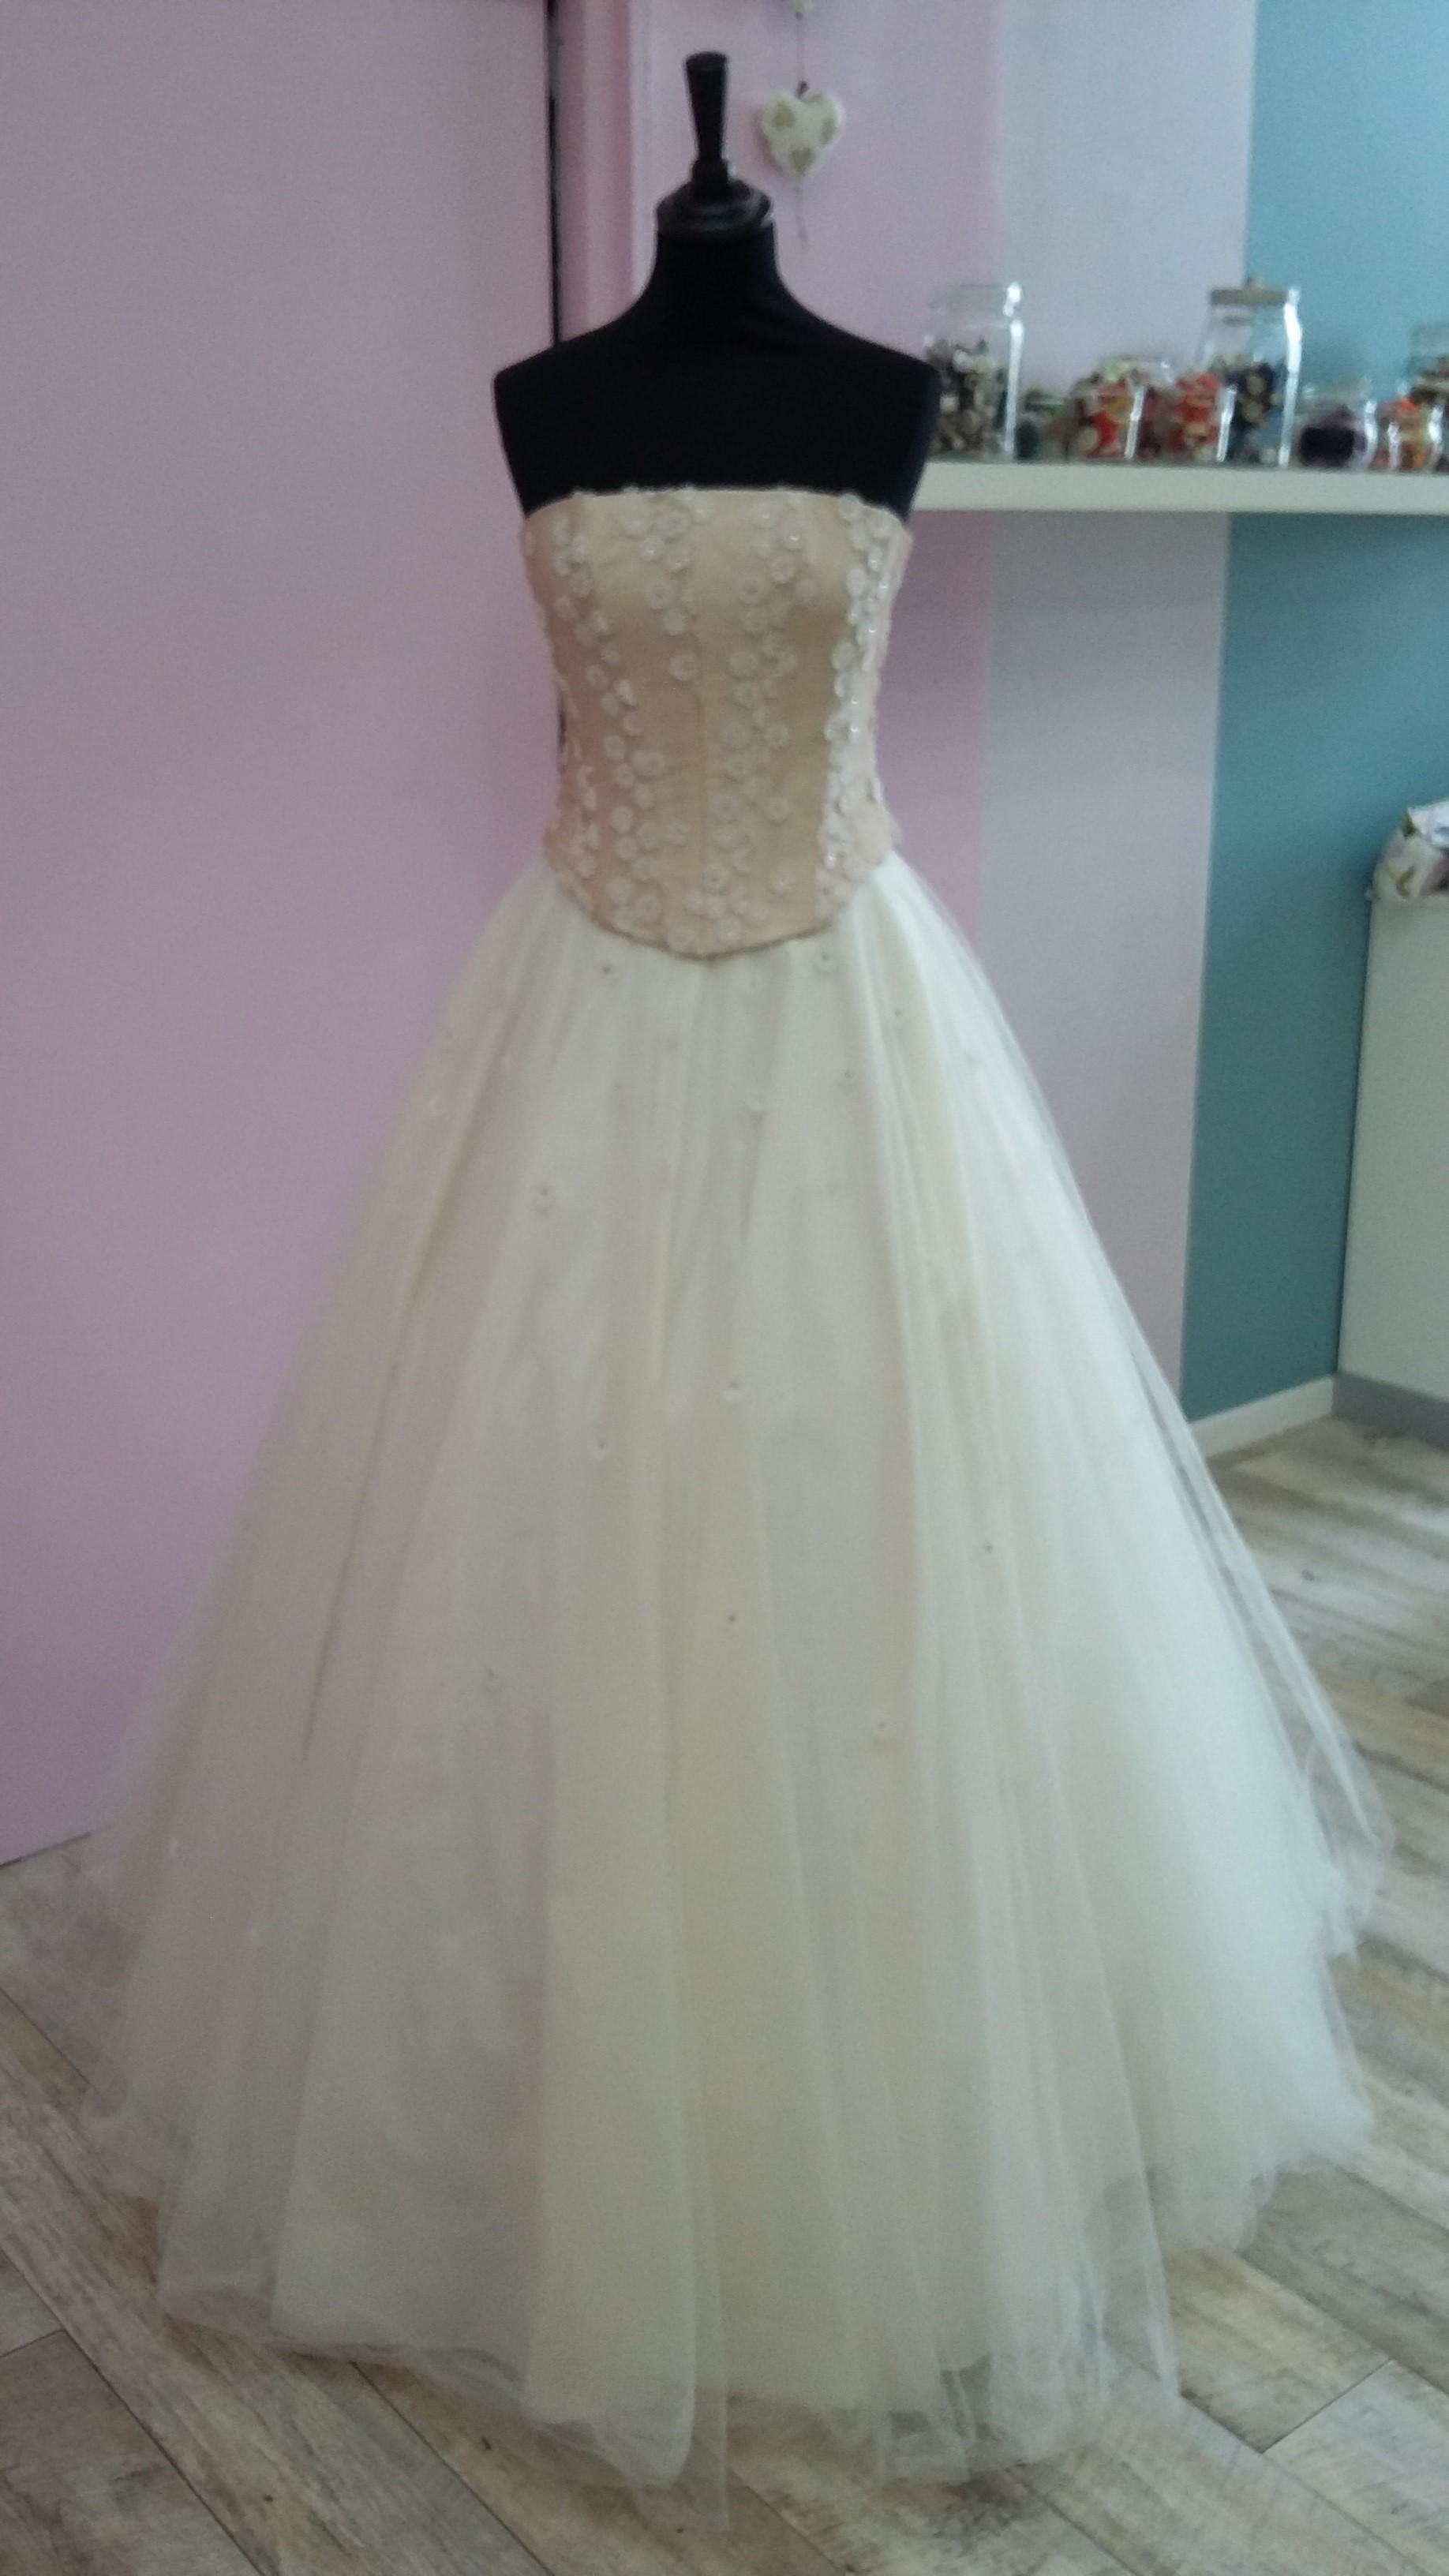 Robe de mariée à domicile - CATHERINE - robe princesse - Cholet - robe de mariage Rose - Boutique Mariage Cholet, chemillé, bressuire, nantes